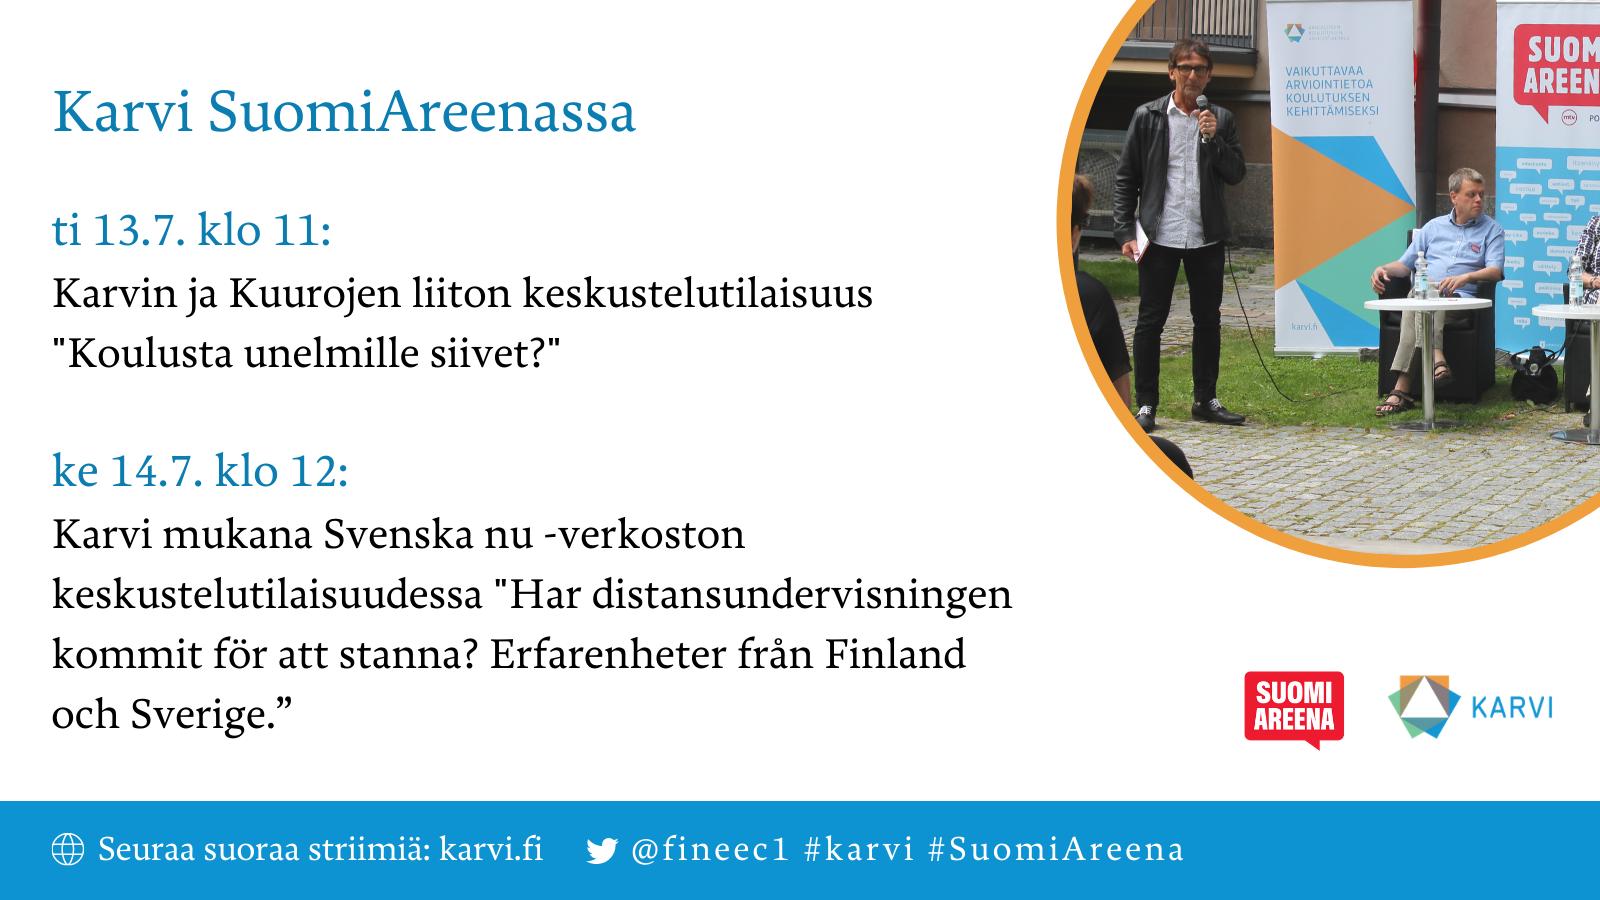 Kuvassa on kerrottu Karvin SuomiAreena-keskusteluiden otsikot ja kellonajat.